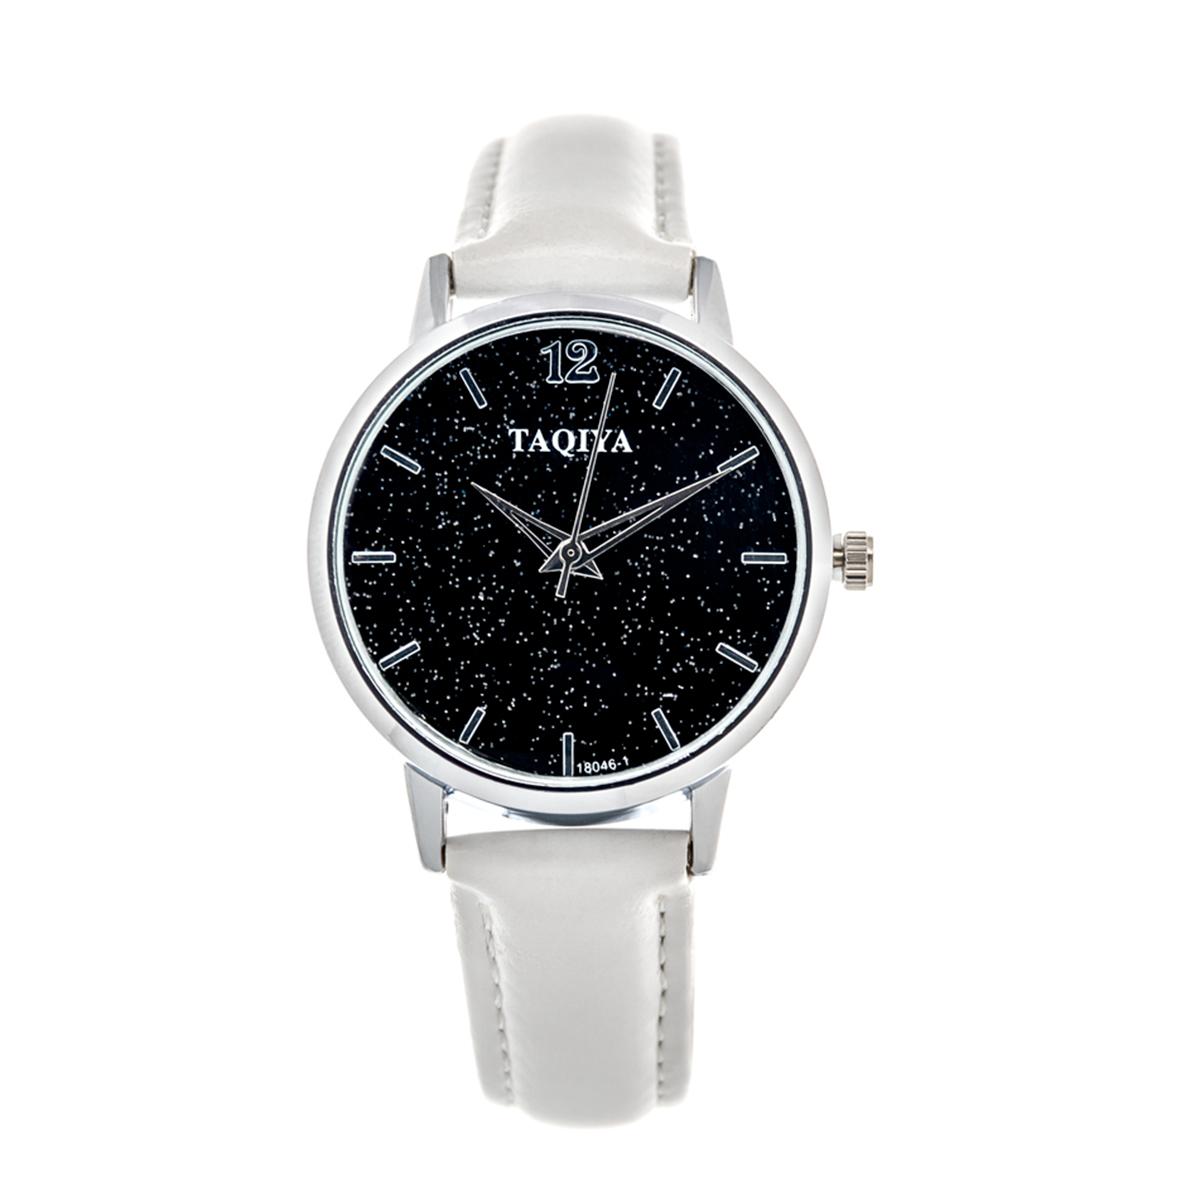 خرید ساعت مچی عقربه ای زنانه تاکیا کد W1082